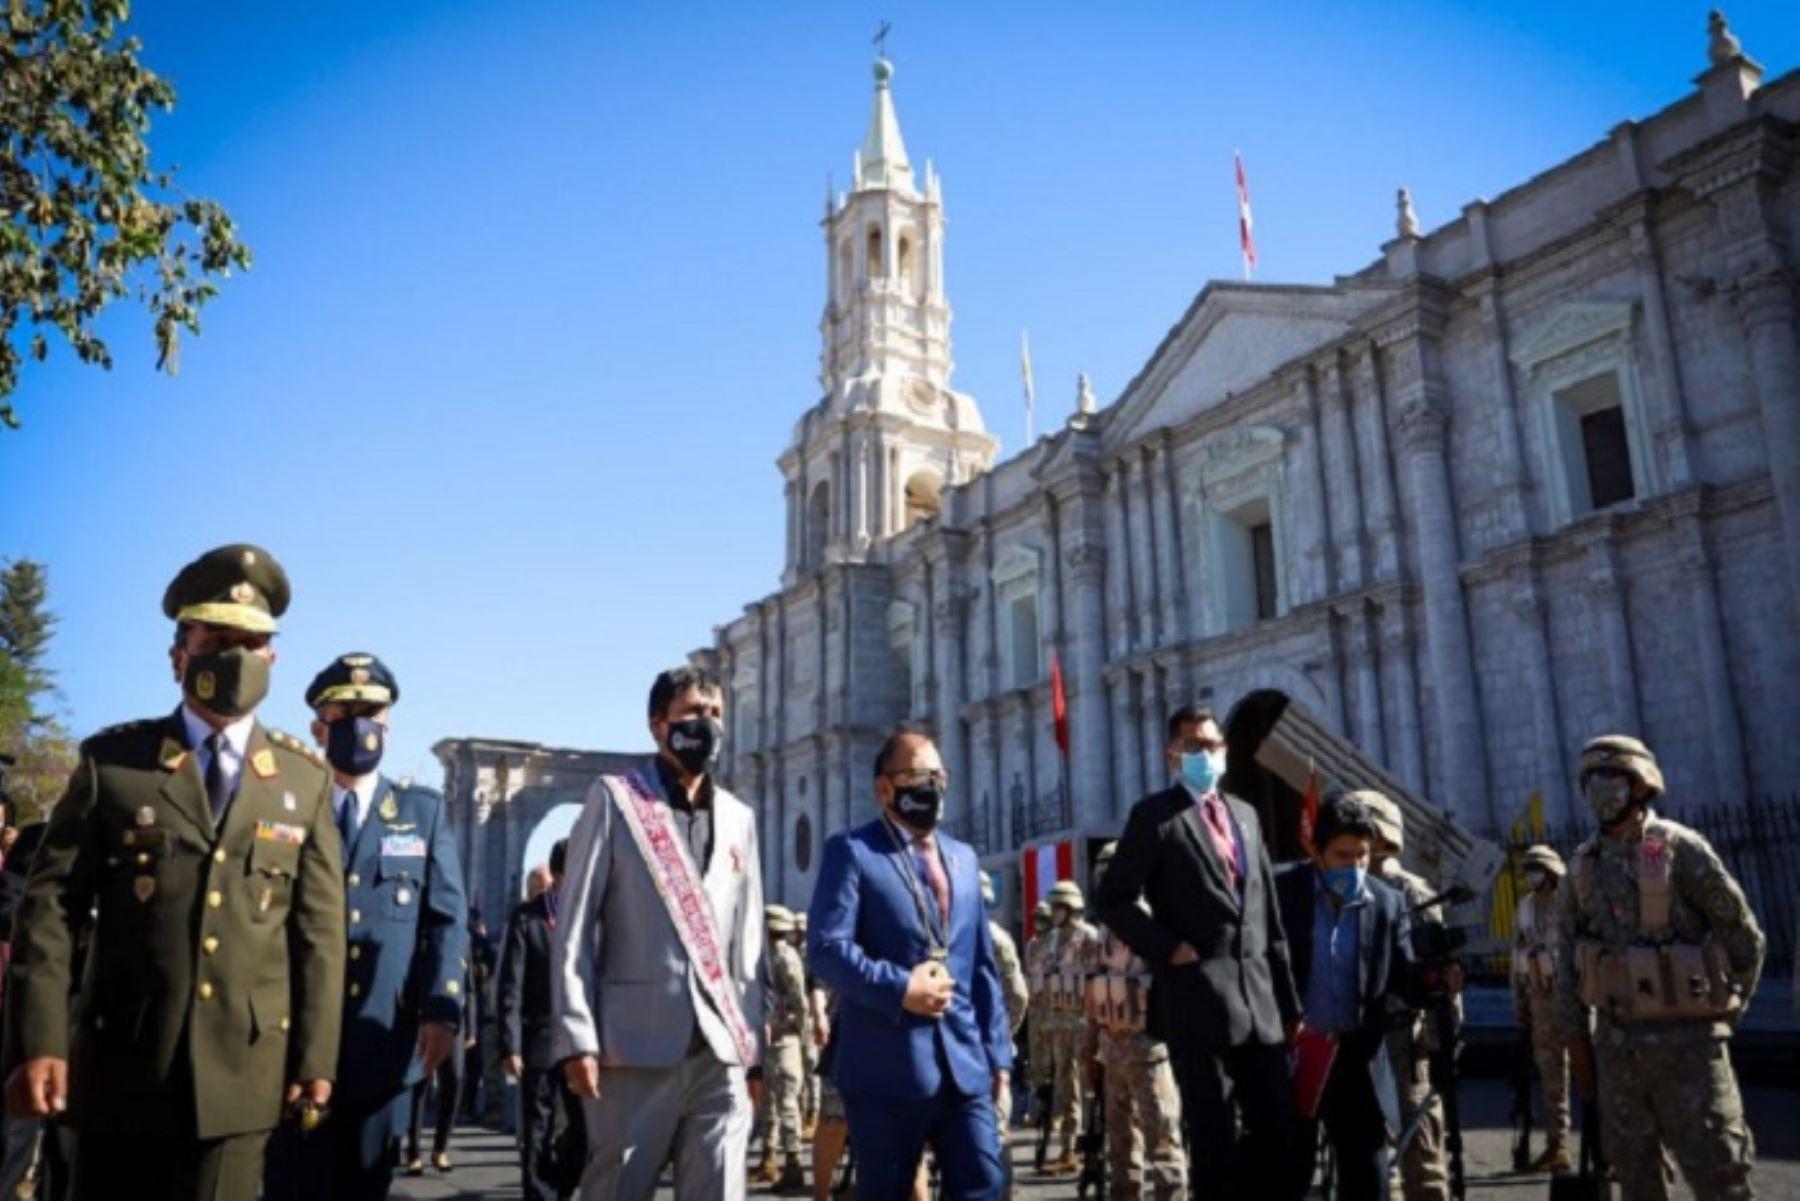 Autoridades y población de Arequipa celebran el Bicentenario del Perú